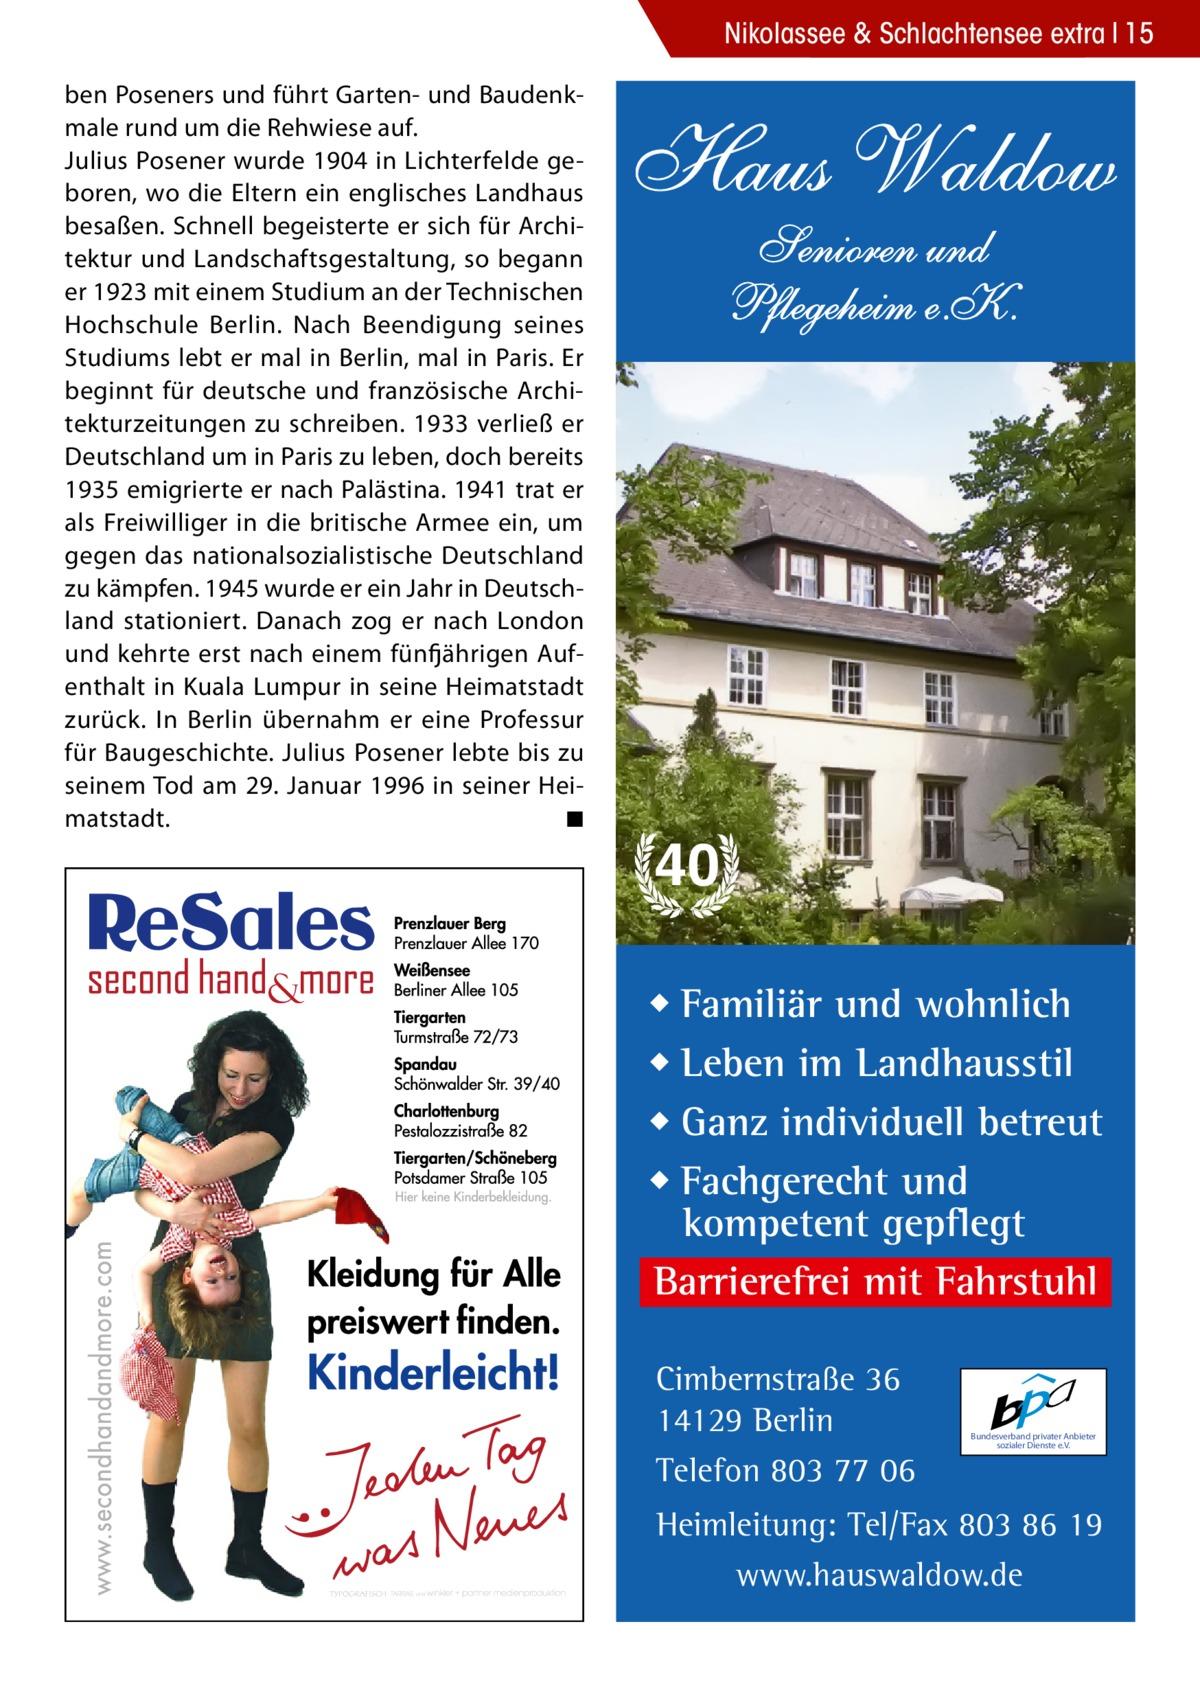 Nikolassee & Schlachtensee extra 15 ben Poseners und führt Garten- und Baudenkmale rund um die Rehwiese auf. Julius Posener wurde 1904 in Lichterfelde geboren, wo die Eltern ein englisches Landhaus besaßen. Schnell begeisterte er sich für Architektur und Landschaftsgestaltung, so begann er 1923 mit einem Studium an der Technischen Hochschule Berlin. Nach Beendigung seines Studiums lebt er mal in Berlin, mal in Paris. Er beginnt für deutsche und französische Architekturzeitungen zu schreiben. 1933 verließ er Deutschland um in Paris zu leben, doch bereits 1935 emigrierte er nach Palästina. 1941 trat er als Freiwilliger in die britische Armee ein, um gegen das nationalsozialistische Deutschland zu kämpfen. 1945 wurde er ein Jahr in Deutschland stationiert. Danach zog er nach London und kehrte erst nach einem fünfjährigen Aufenthalt in Kuala Lumpur in seine Heimatstadt zurück. In Berlin übernahm er eine Professur für Baugeschichte. Julius Posener lebte bis zu seinem Tod am 29. Januar 1996 in seiner Heimatstadt.� ◾  Haus Waldow Senioren und Pflegeheim e.K.  40 ◆ Familiär und wohnlich ◆ Leben im Landhausstil ◆ Ganz individuell betreut ◆ Fachgerecht und kompetent gepflegt Barrierefrei mit Fahrstuhl Cimbernstraße 36 14129 Berlin Telefon 803 77 06  Bundesverband privater Anbieter sozialer Dienste e.V.  Heimleitung: Tel/Fax 803 86 19 www.hauswaldow.de